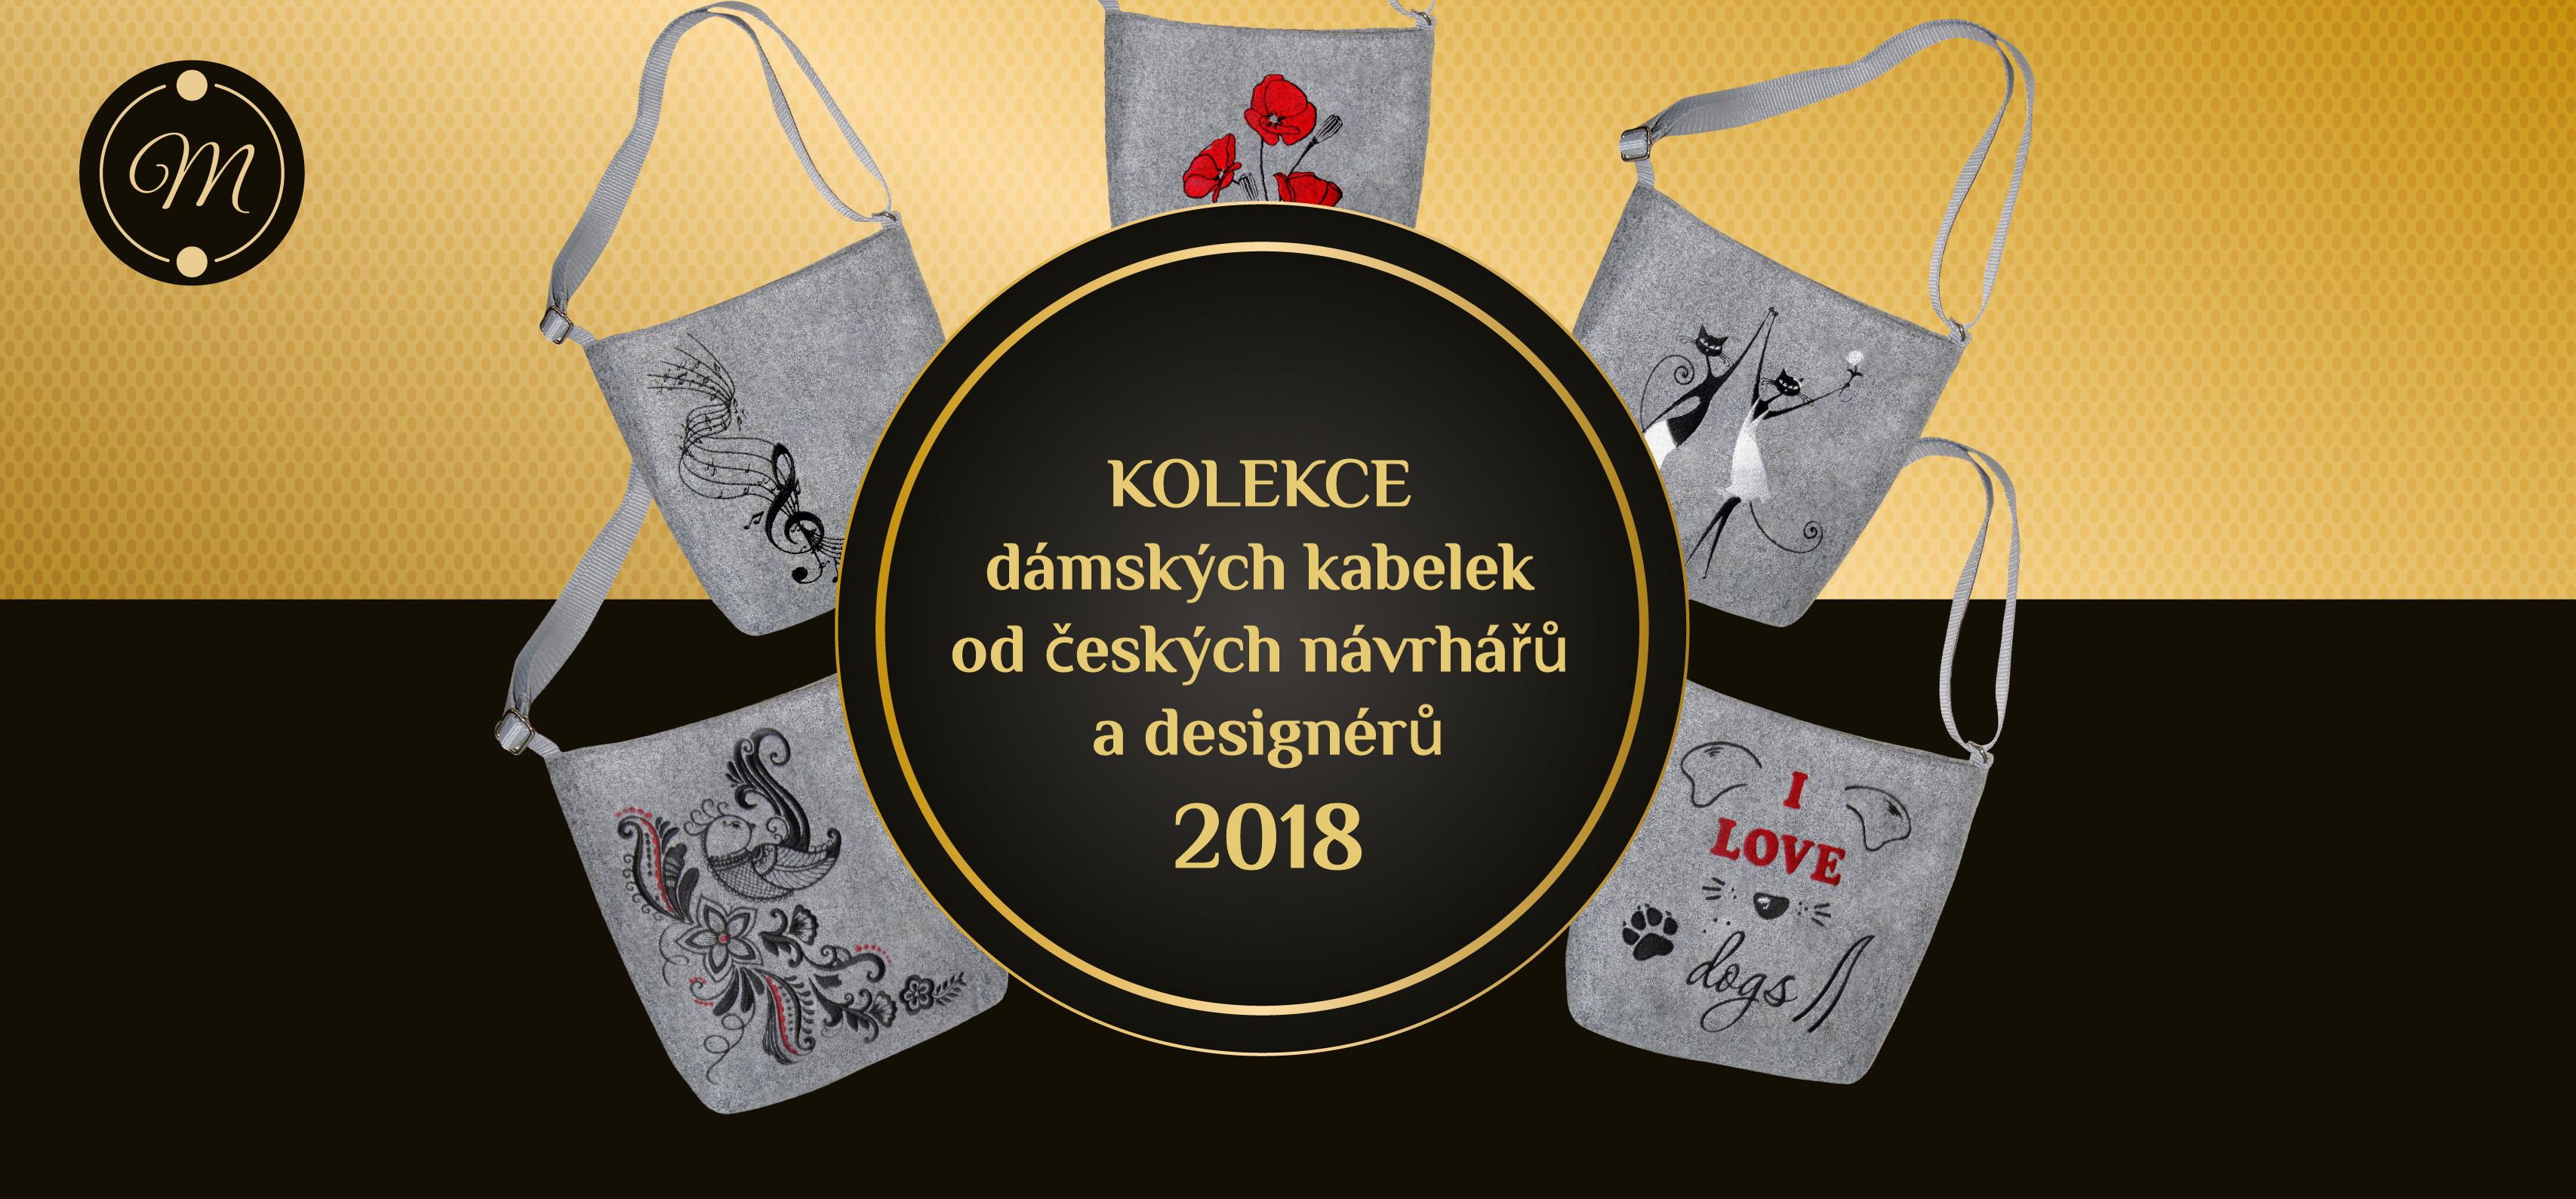 Kolekce dámských kabelek od značky MarkModern